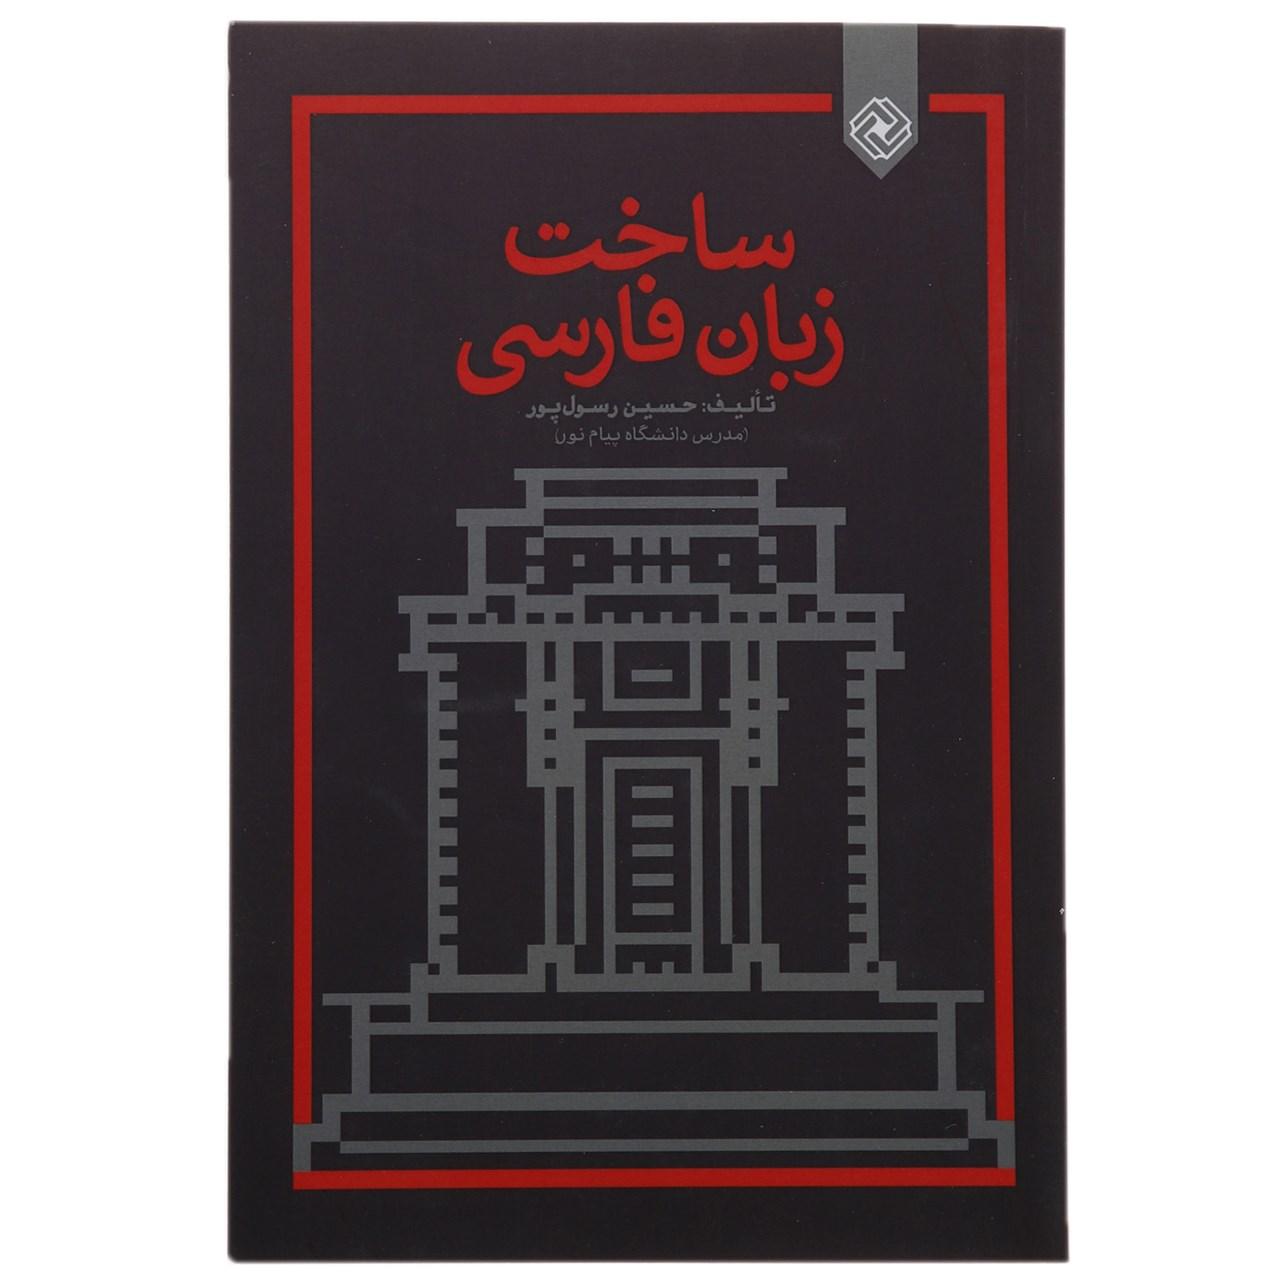 کتاب ساخت زبان فارسی اثر حسین رسول پور